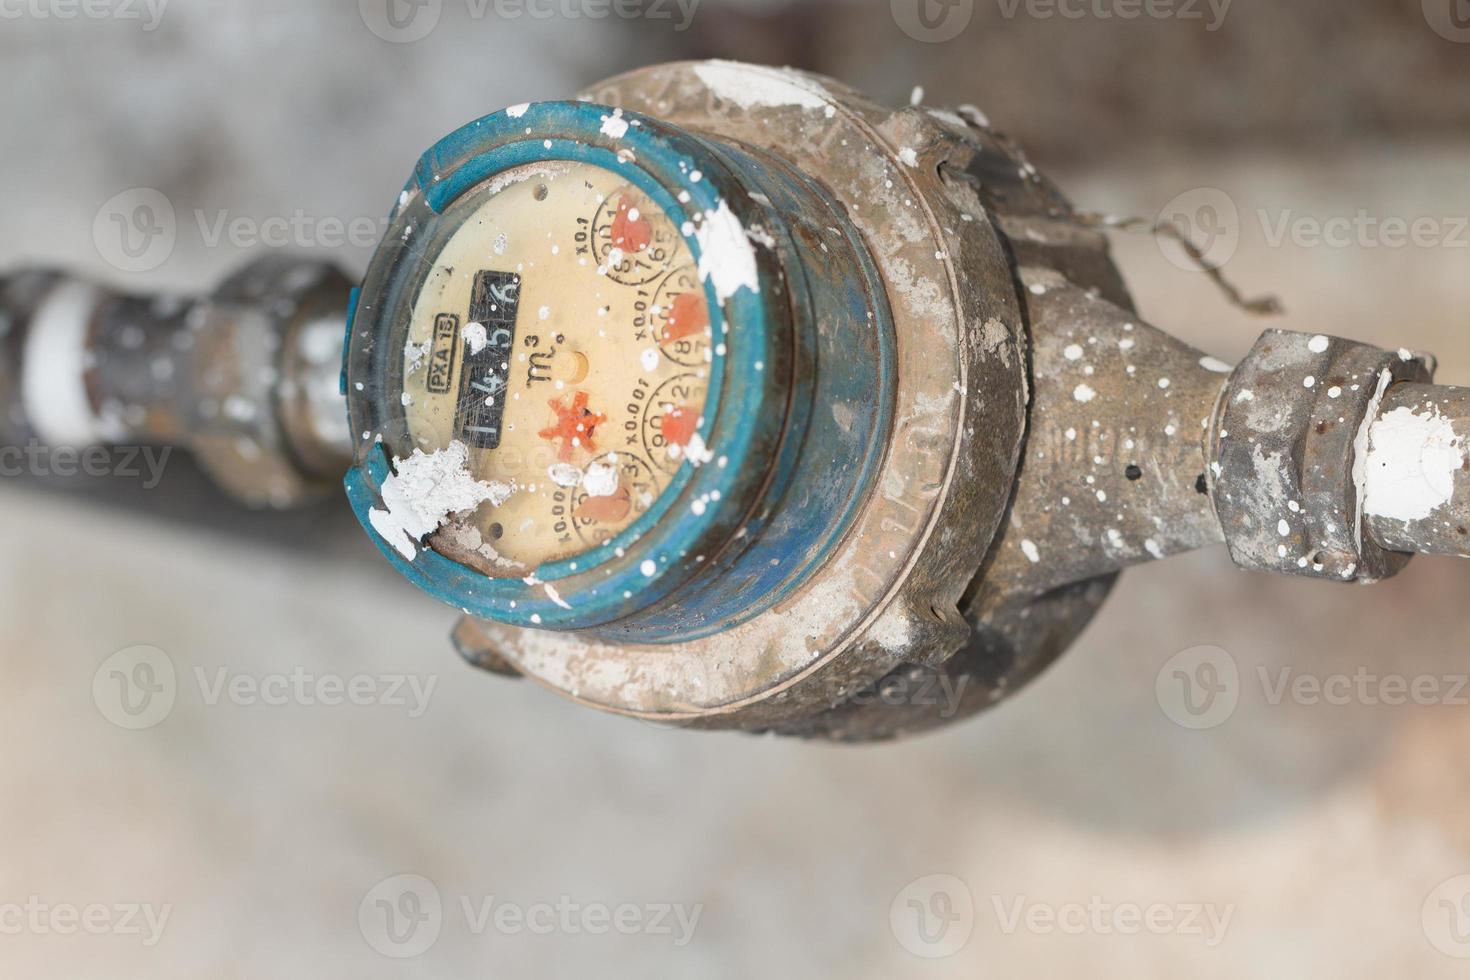 compteur pour tuyaux d'eau et métalliques au format thaïlandais photo